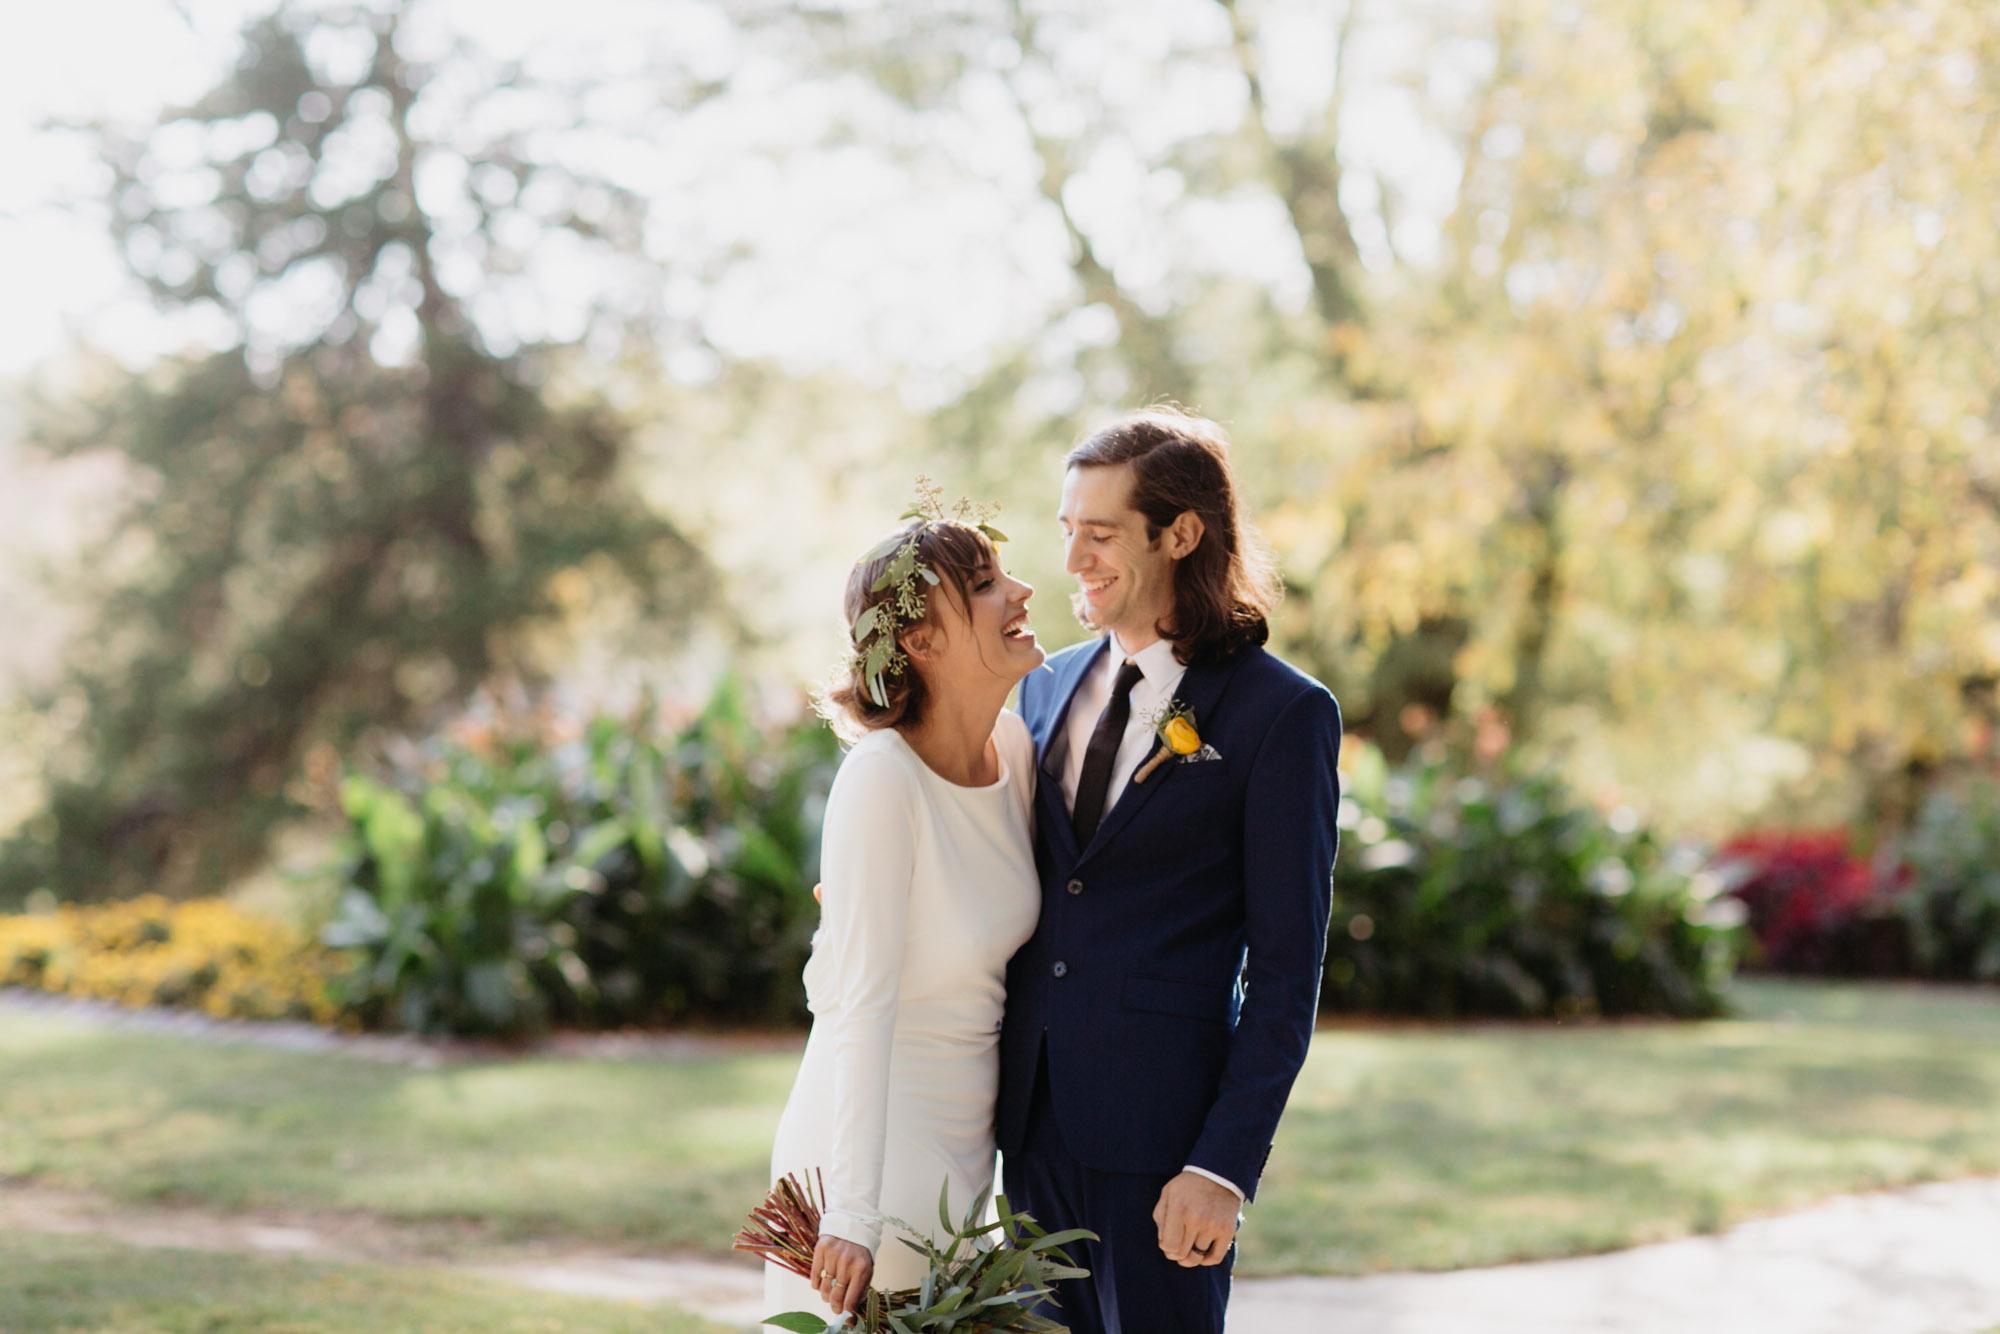 omaha-elopement-photographer-20.jpg